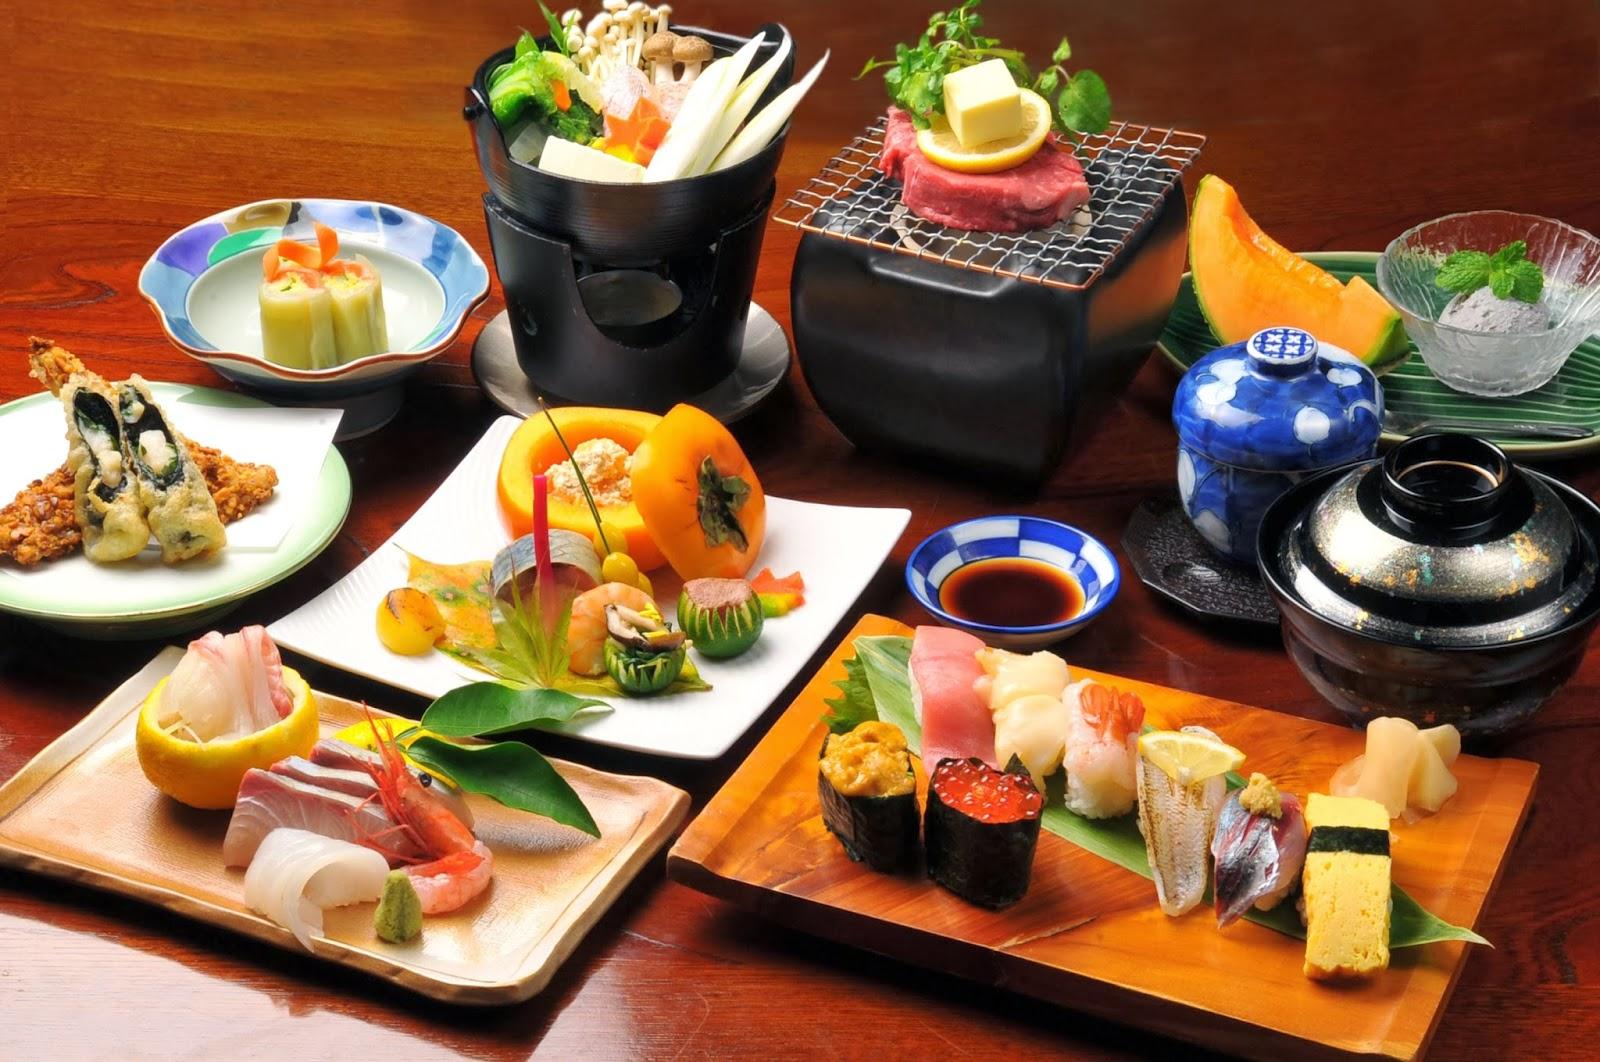 Rekomendasi Restoran Halal di Jepang untuk Berbuka Puasa image